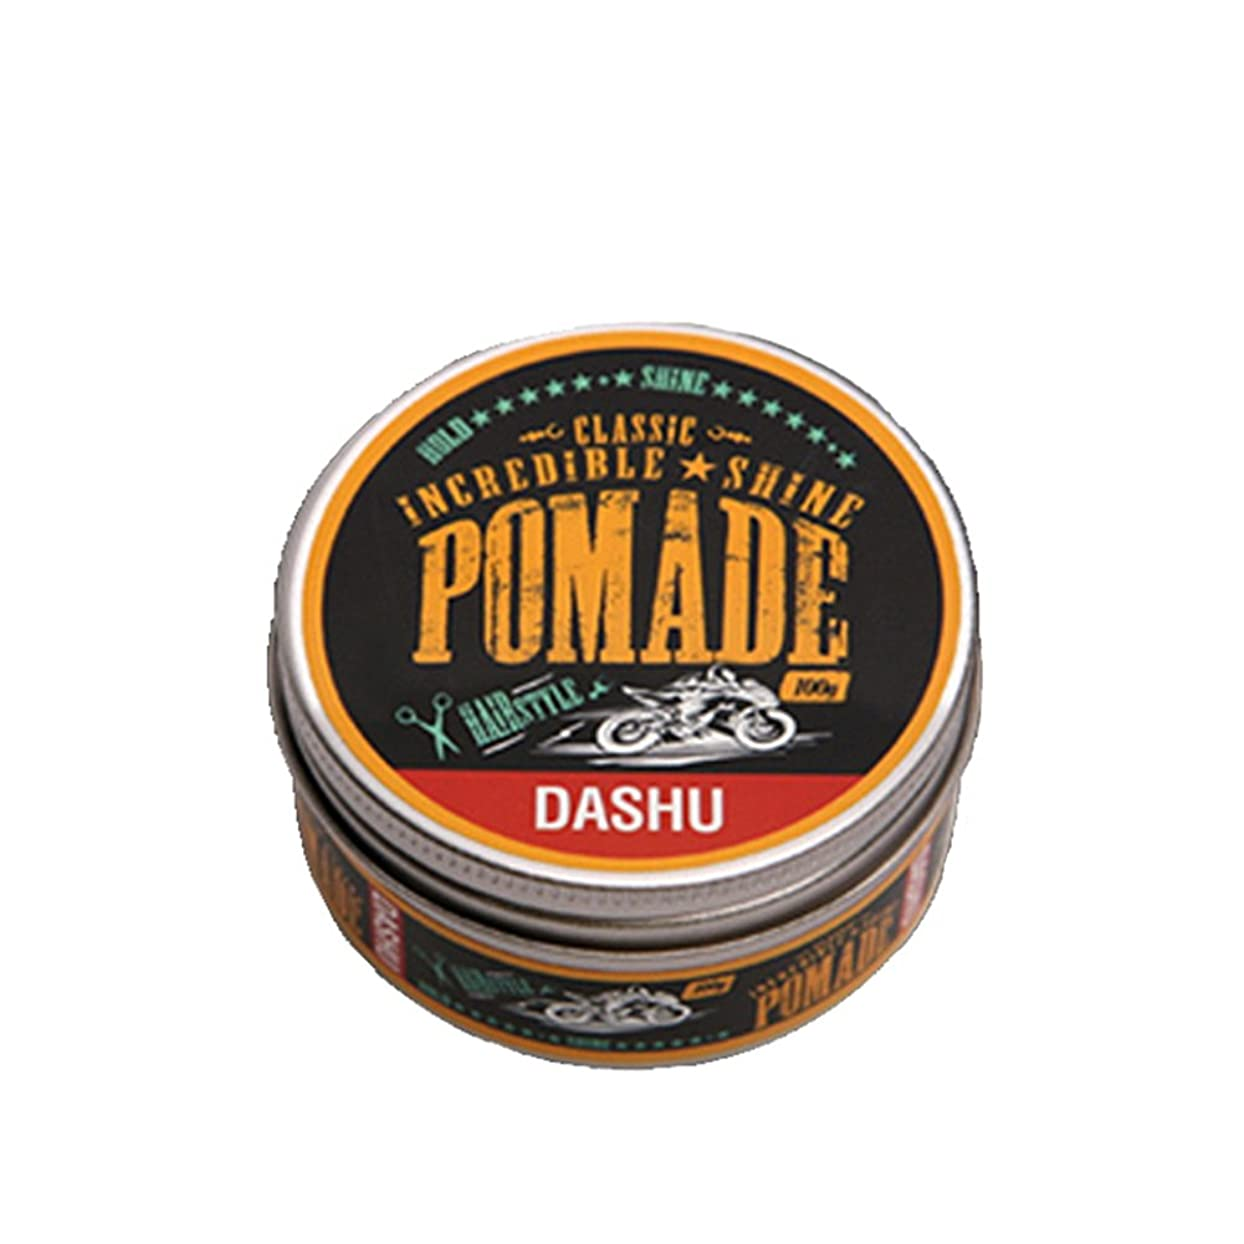 神経メイエラ採用する[DASHU] ダシュ クラシック 信じられないほどの輝き ポマードワックス Classic Incredible Shine Pomade Hair Wax 100ml / 韓国製 . 韓国直送品